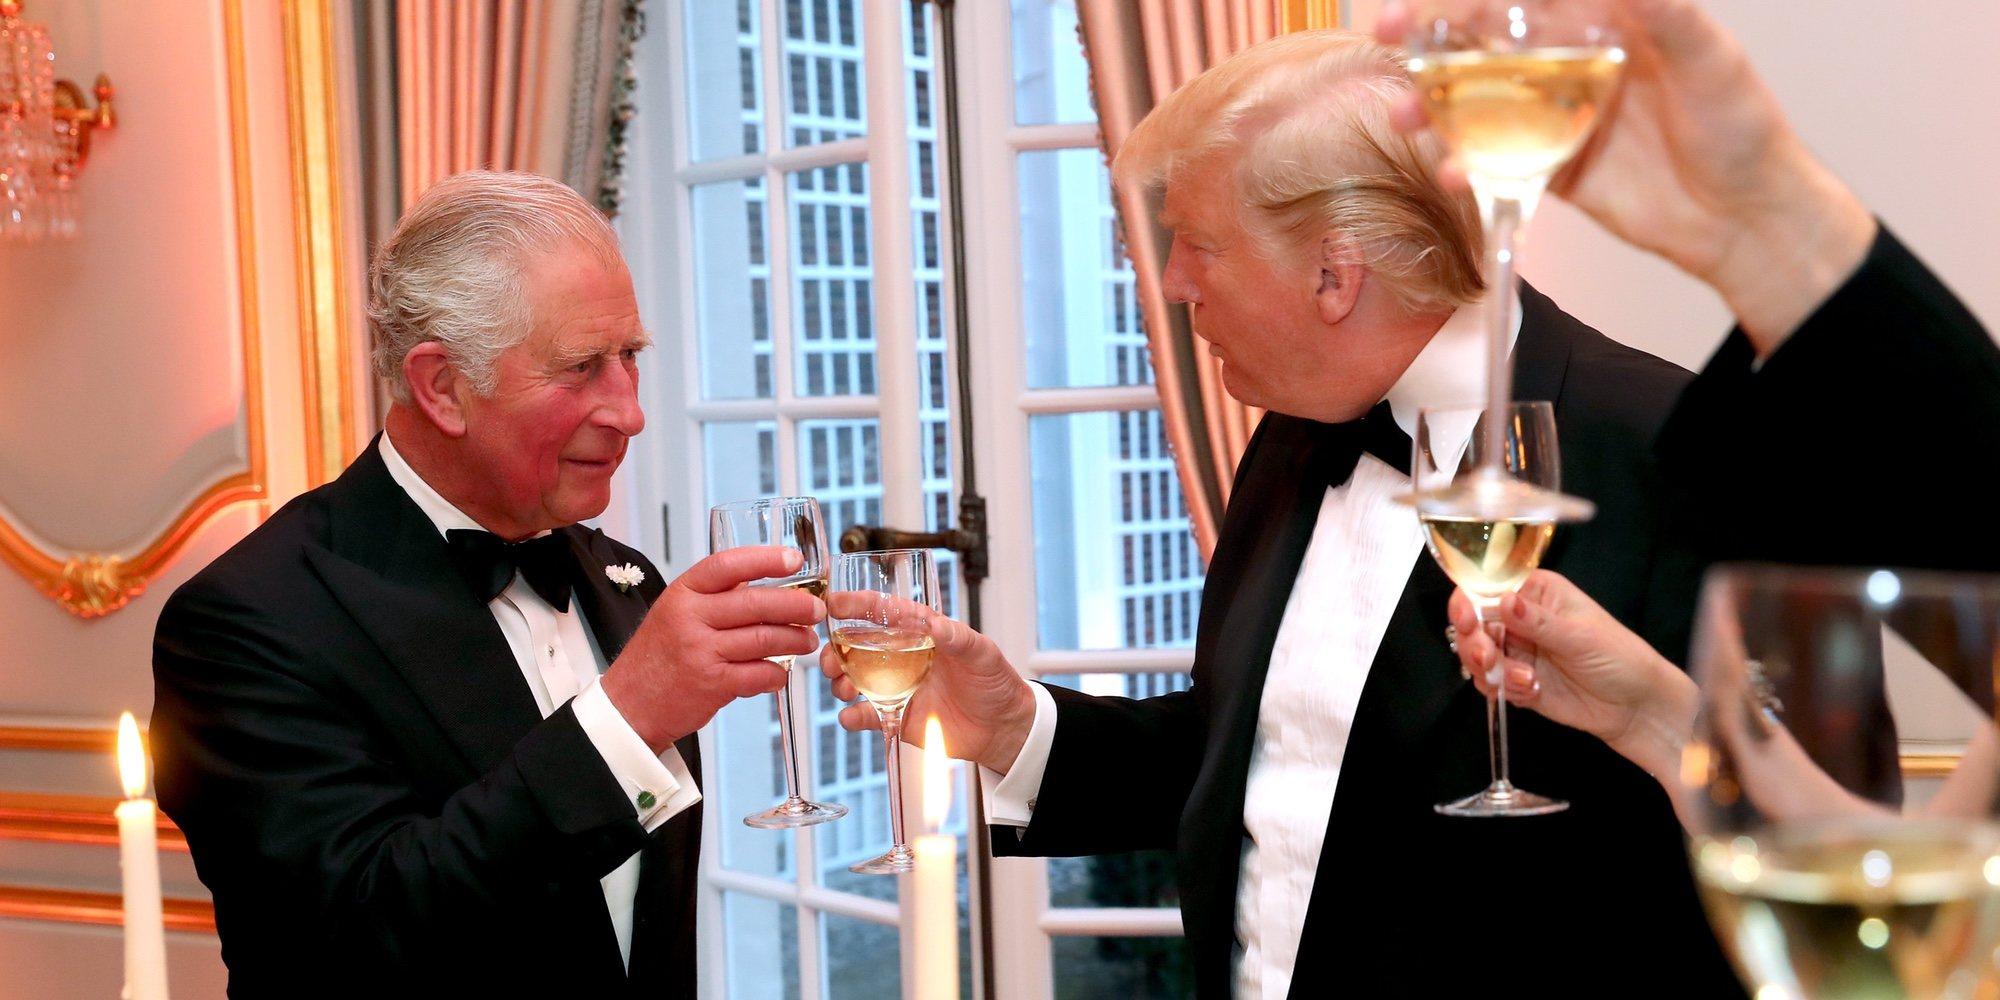 La opinión de Donald Trump sobre la Reina Isabel, el Príncipe Carlos, el Príncipe Harry y Meghan Markle